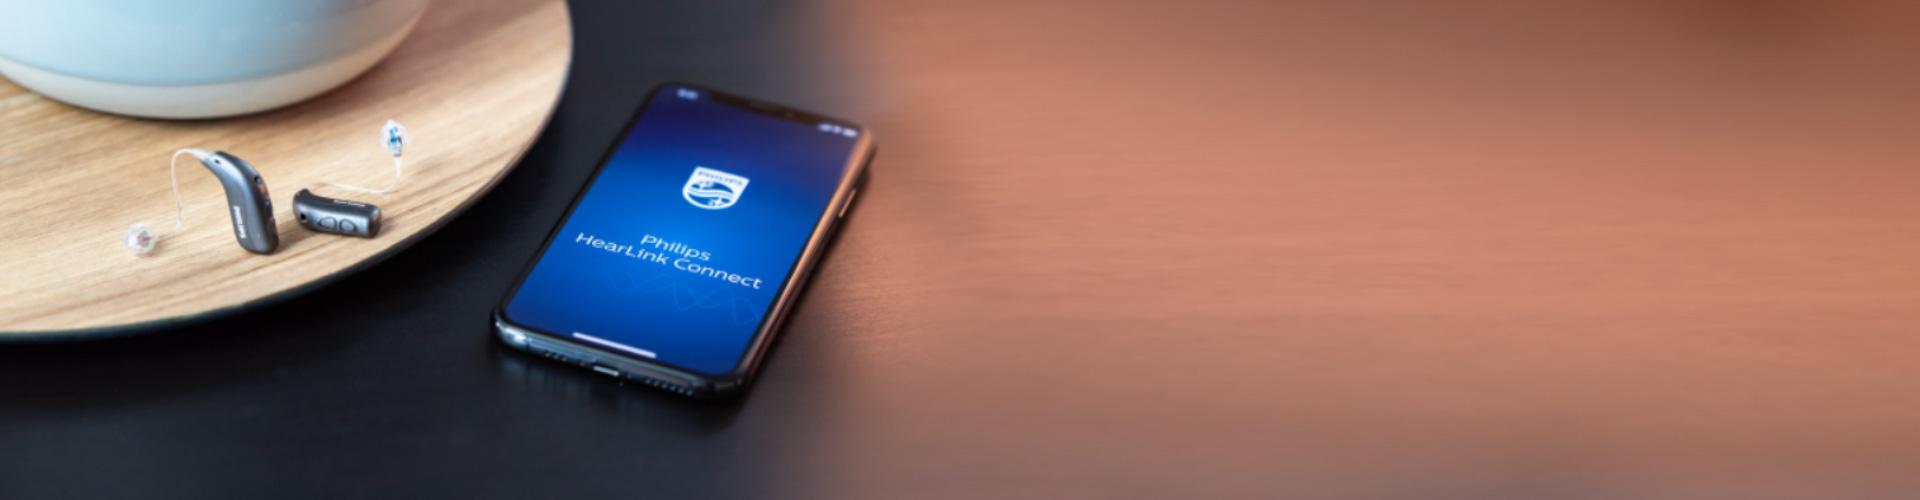 Philips HearLink Hörgeräte neben einem Smartphone, das auf dem Display die Philips HearLink Connect App anzeigt.